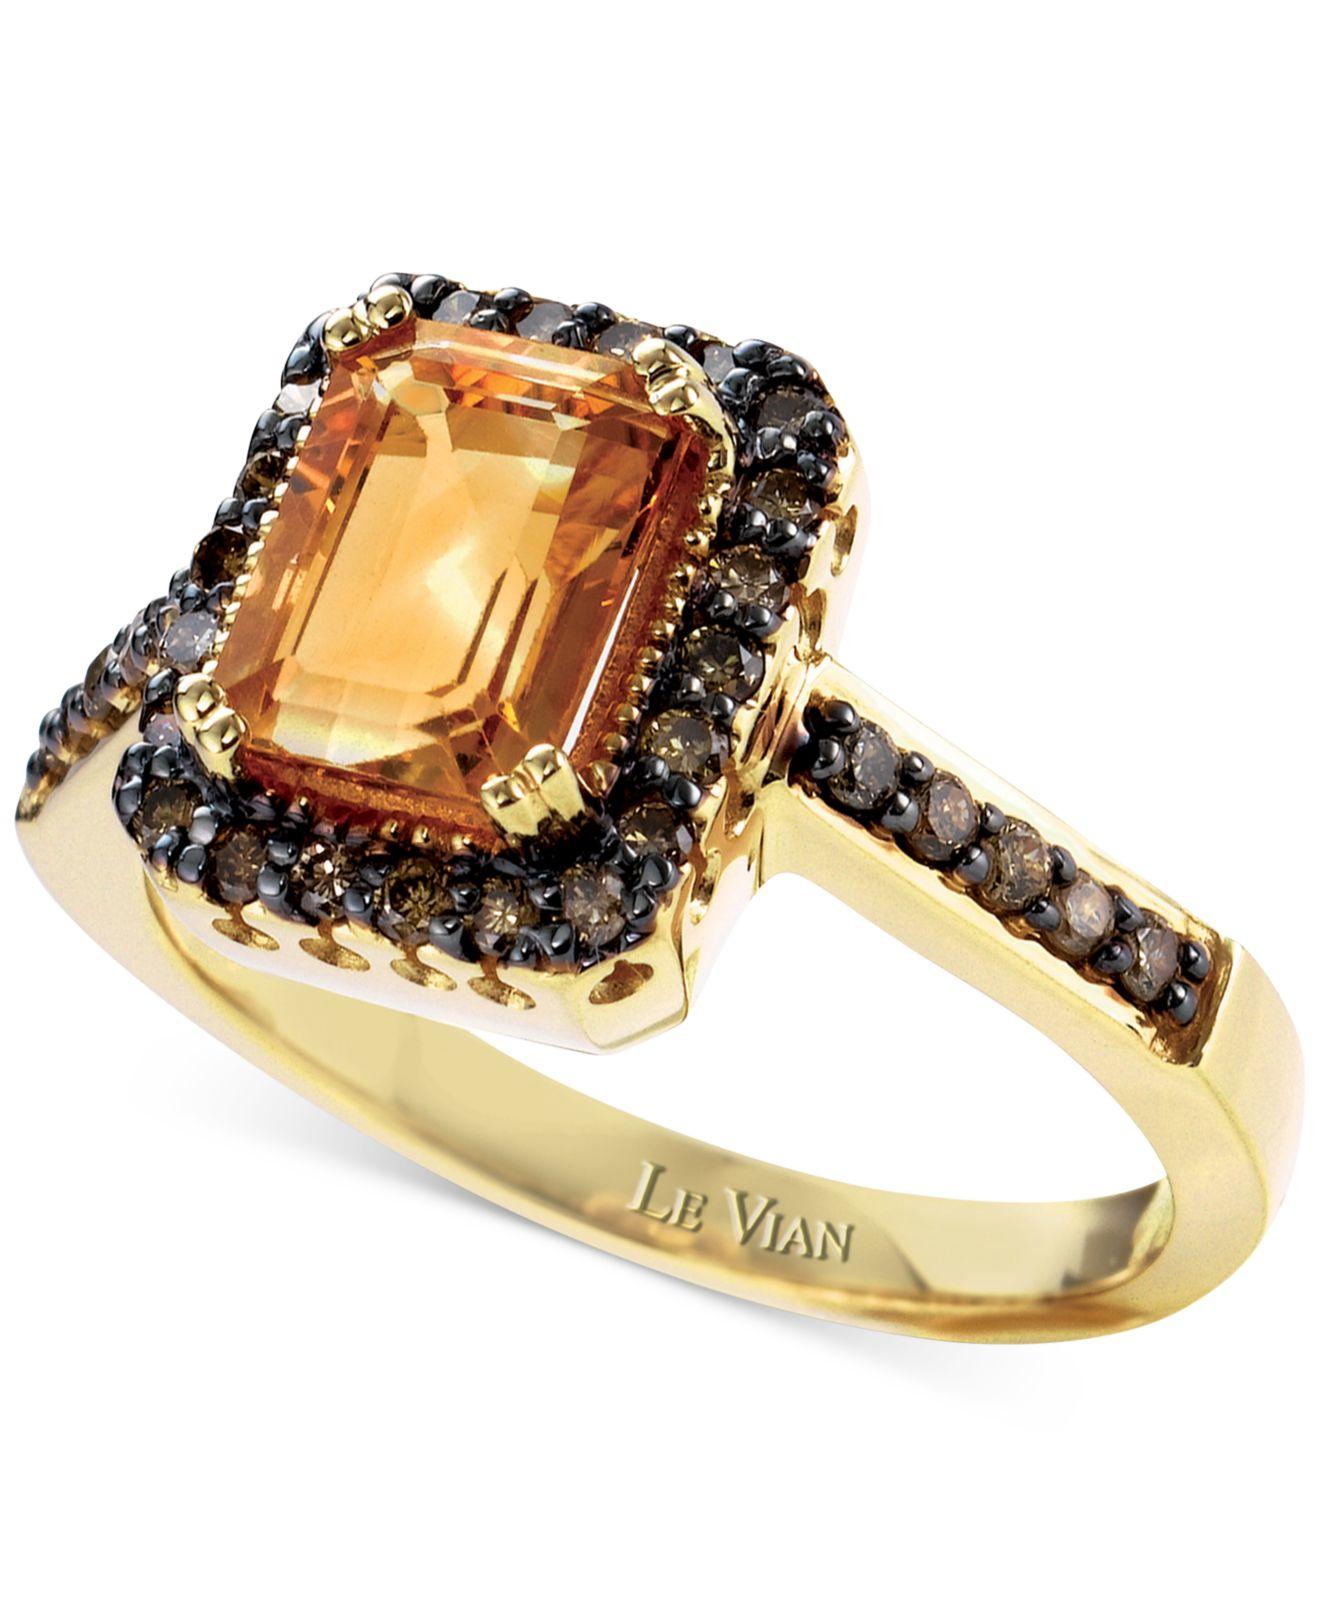 White Diamond And Chocolate Diamond Ring